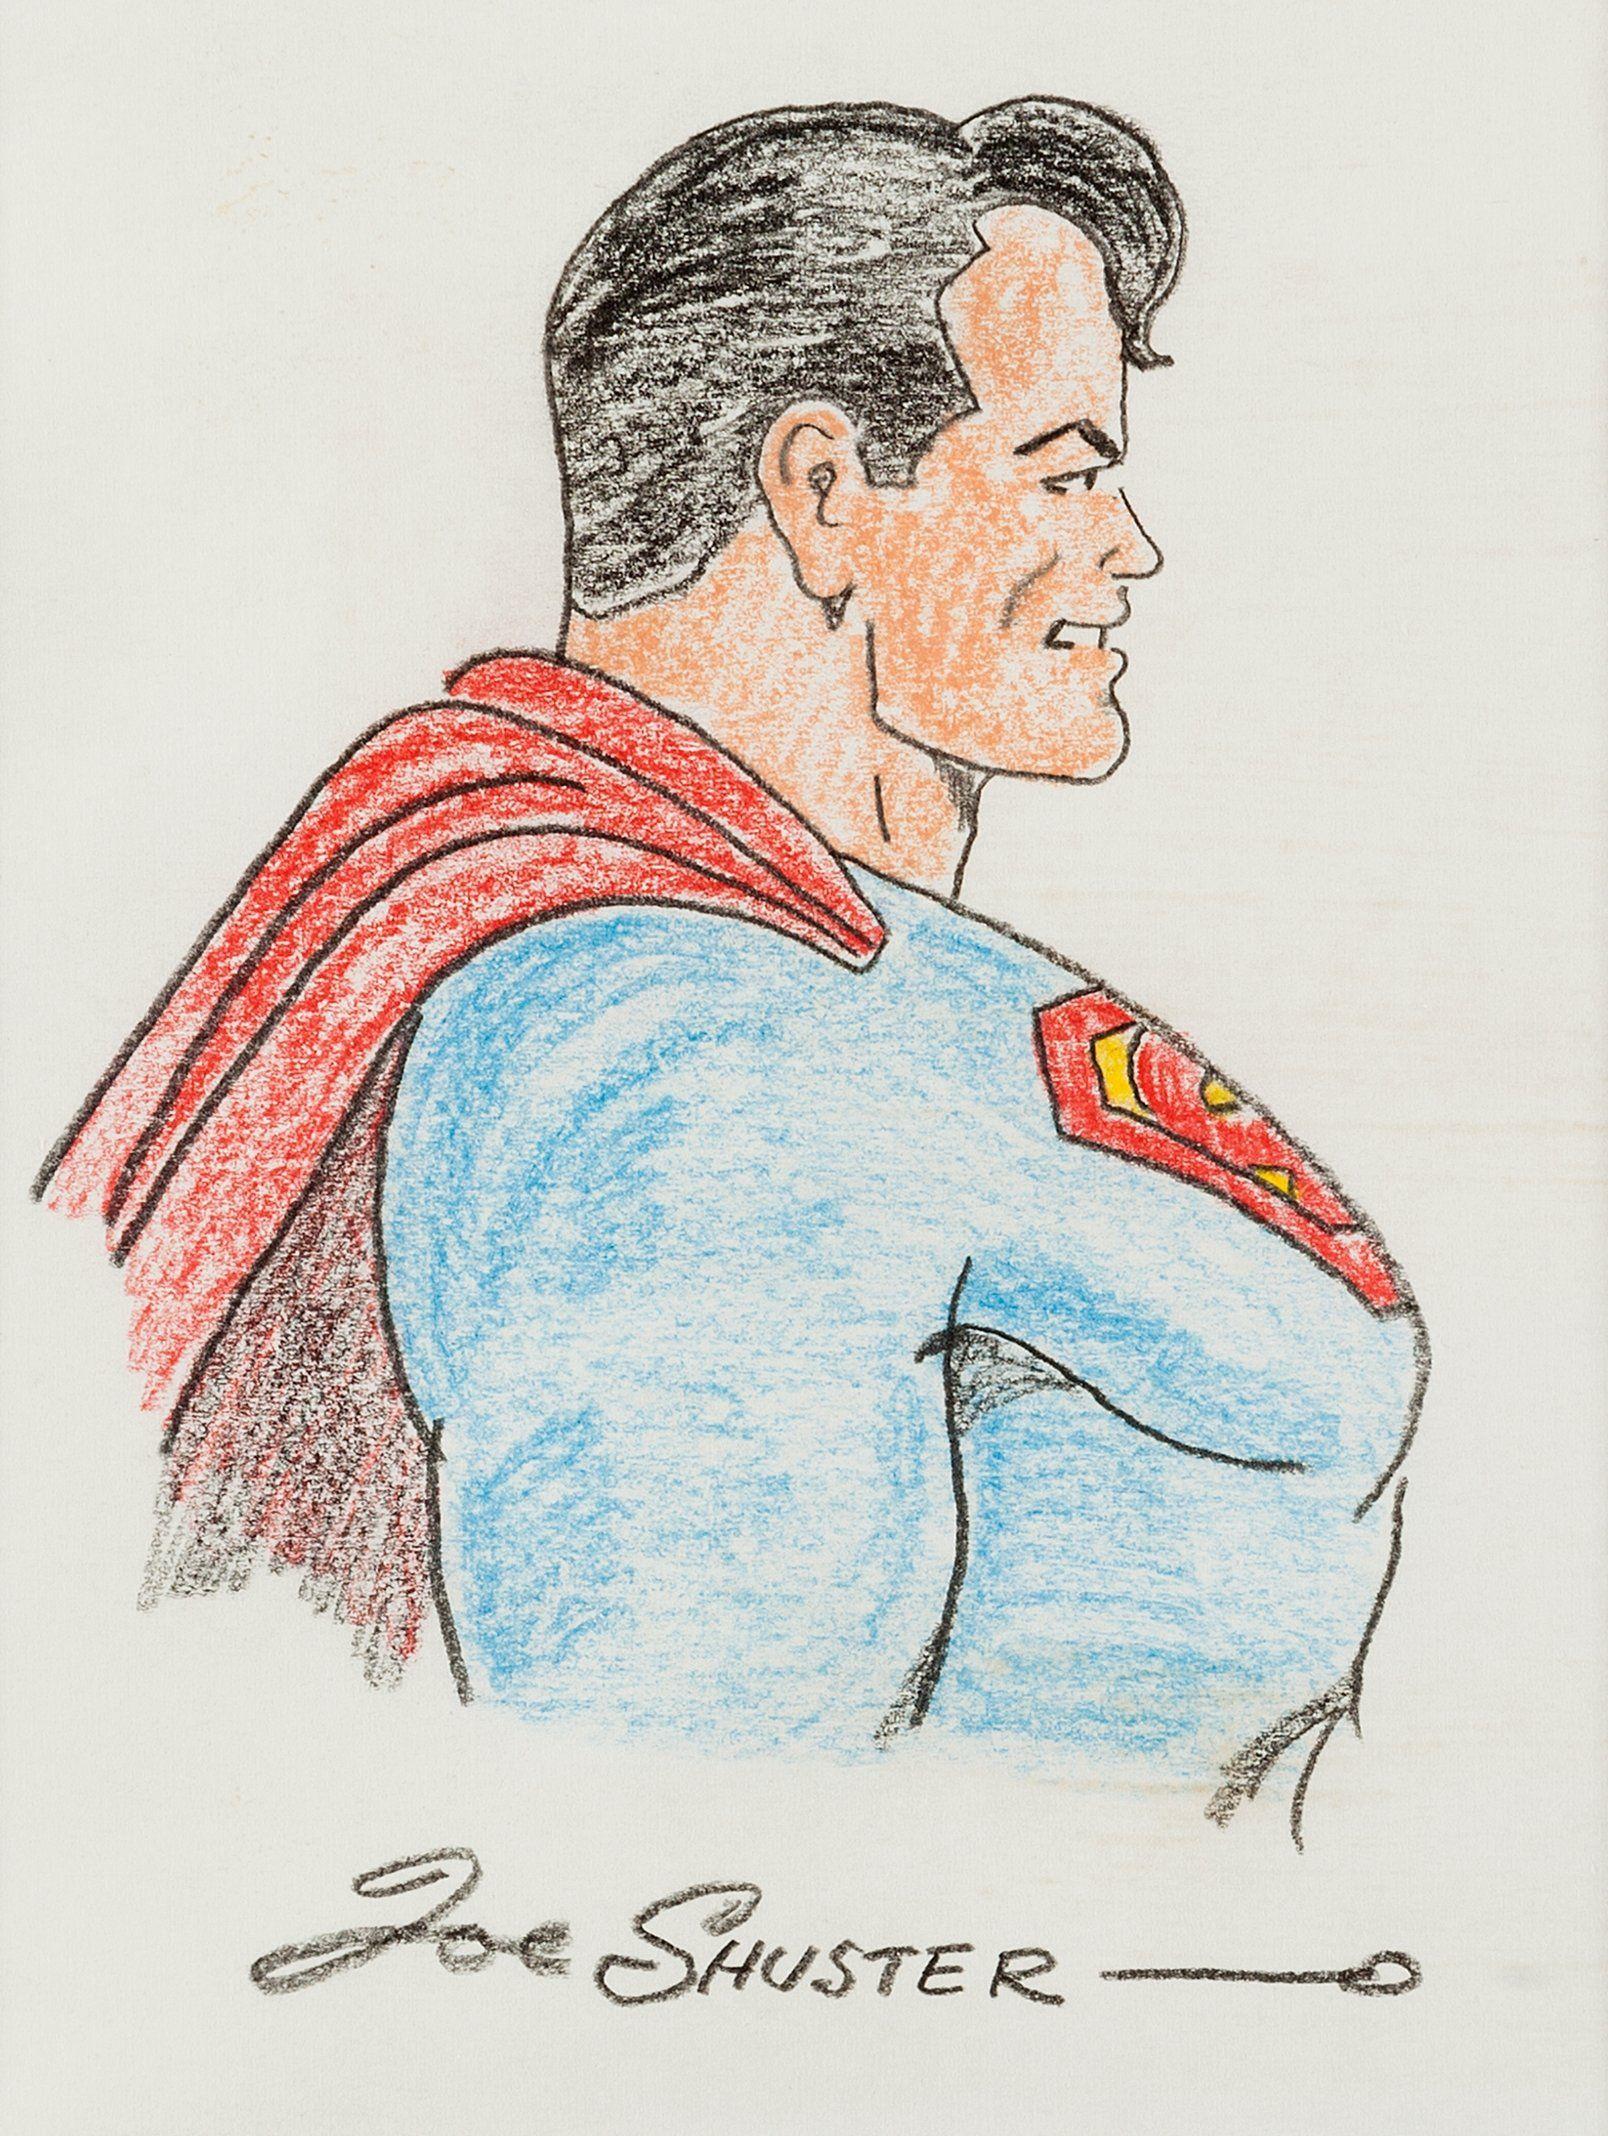 Joe Shuster - Superman Illustration Original Art (undated). Here   LotID #204006   Heritage Auctions